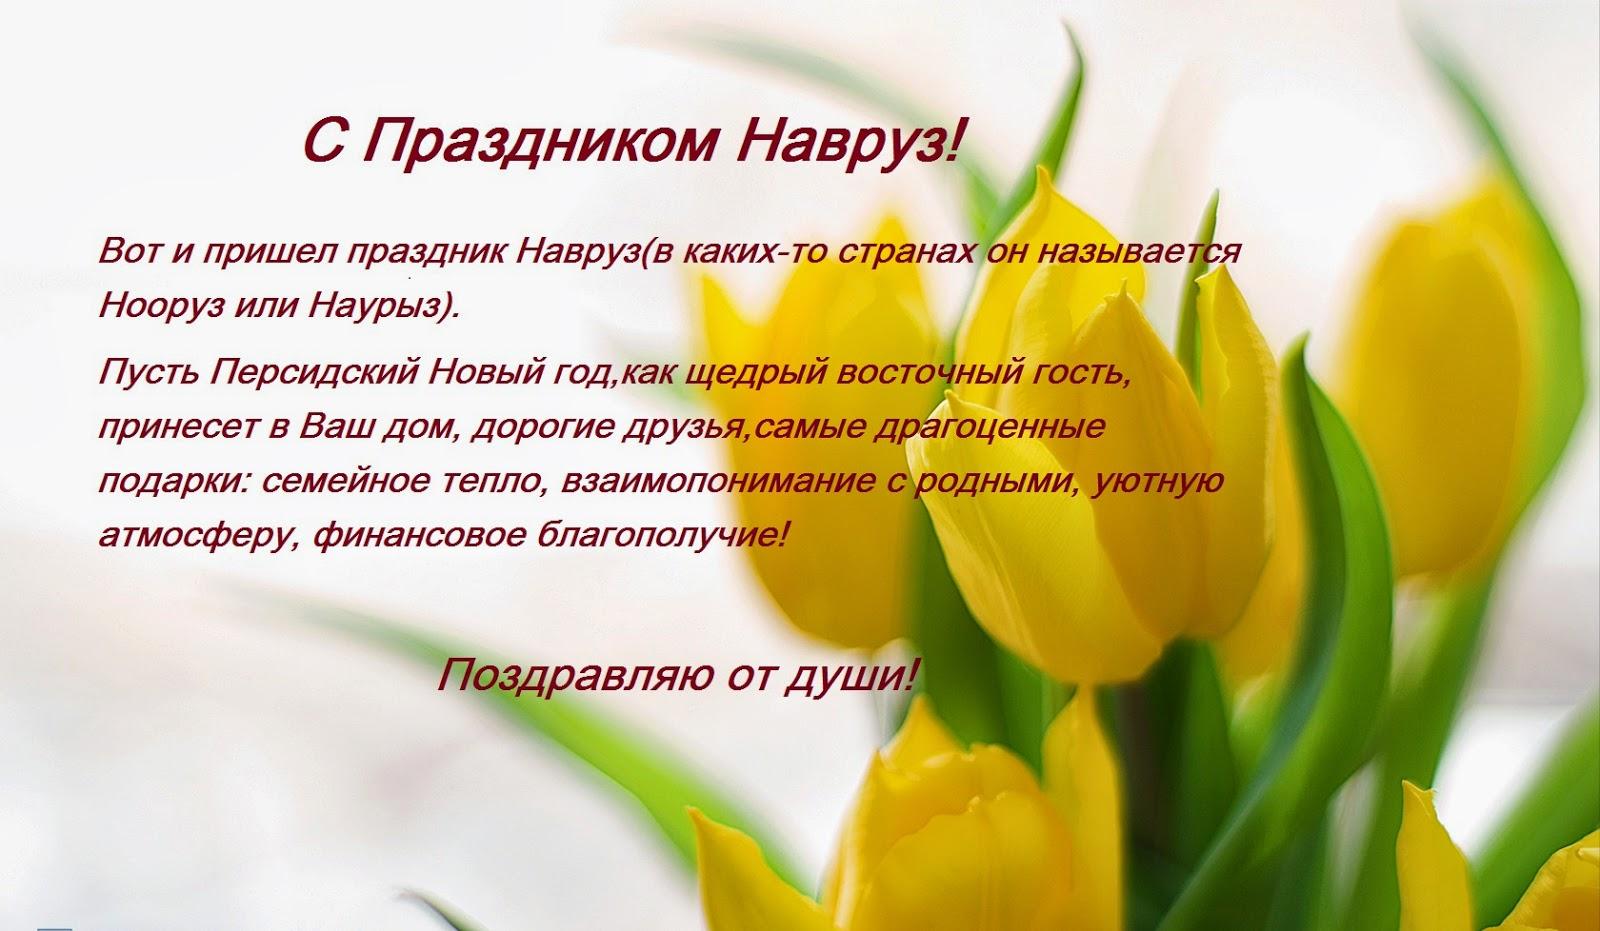 Поздравление с праздником навруз байрам